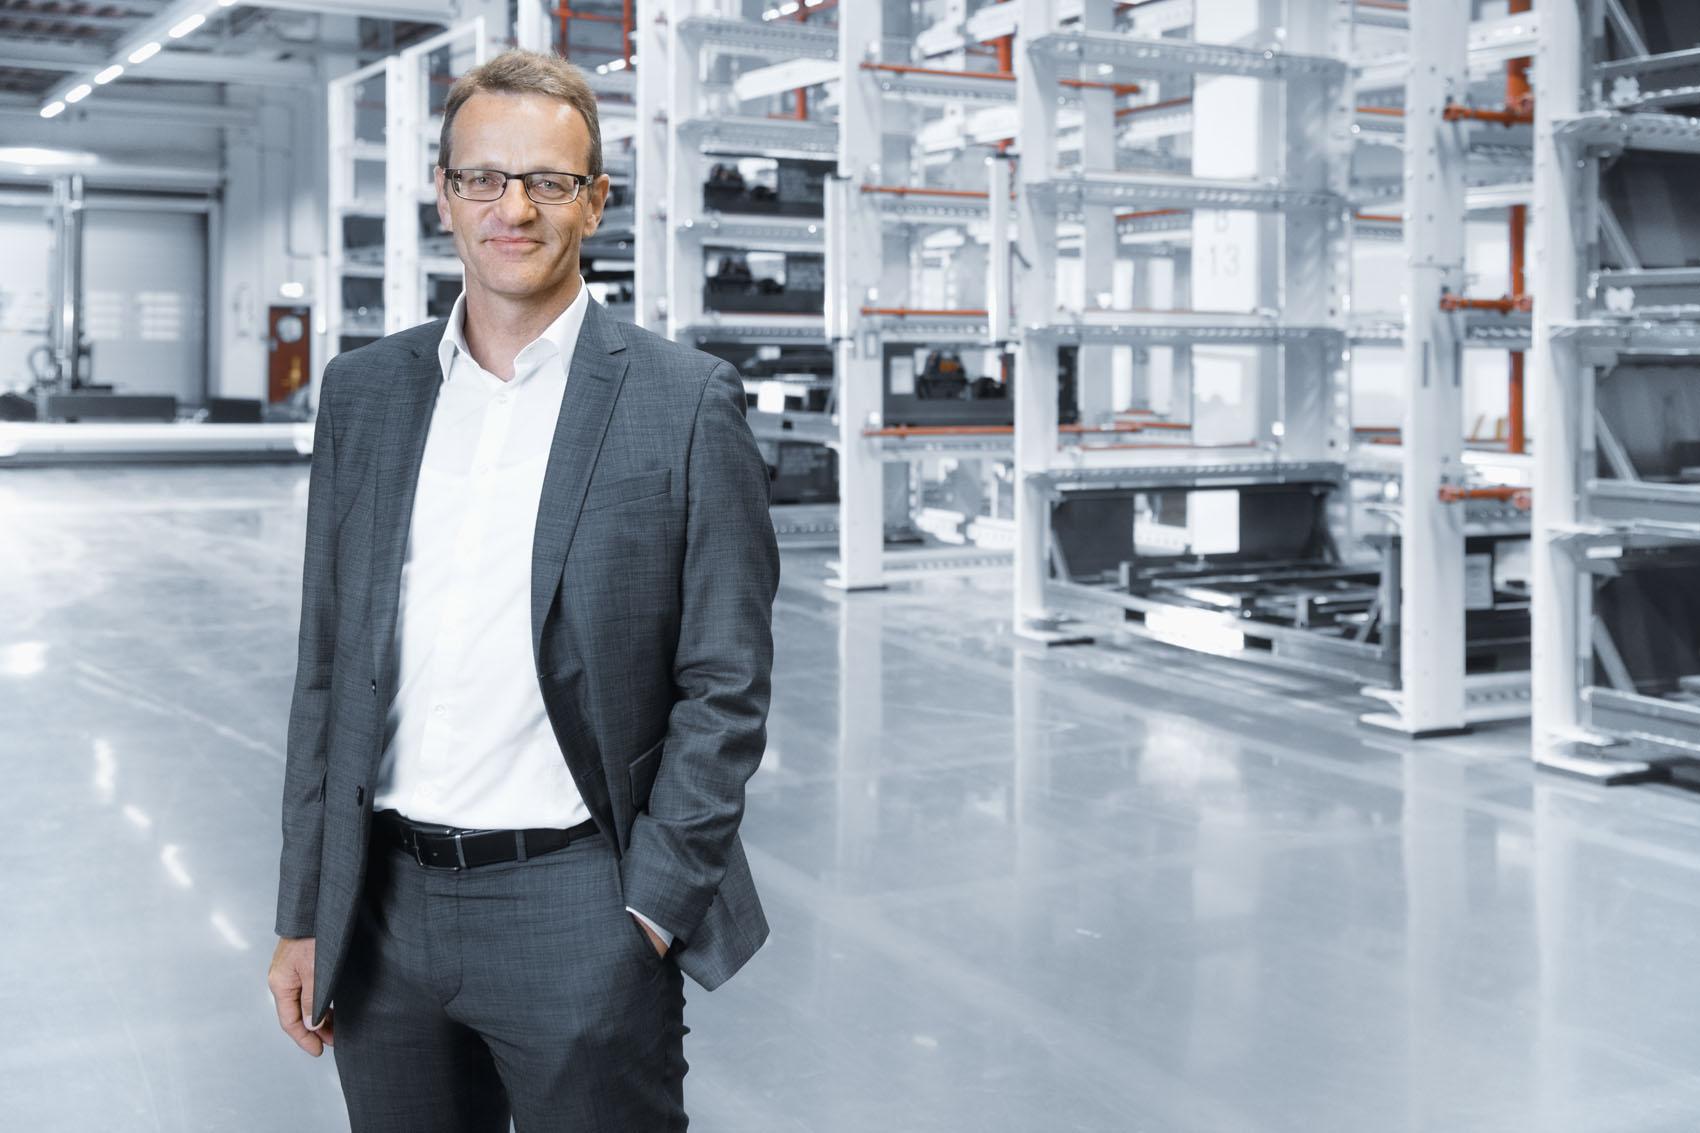 Il Capo di progetto Bertram Günter e il suo team hanno ridisegnato completamente la produzione dell'Audi e-tron. (Stefan Warter)